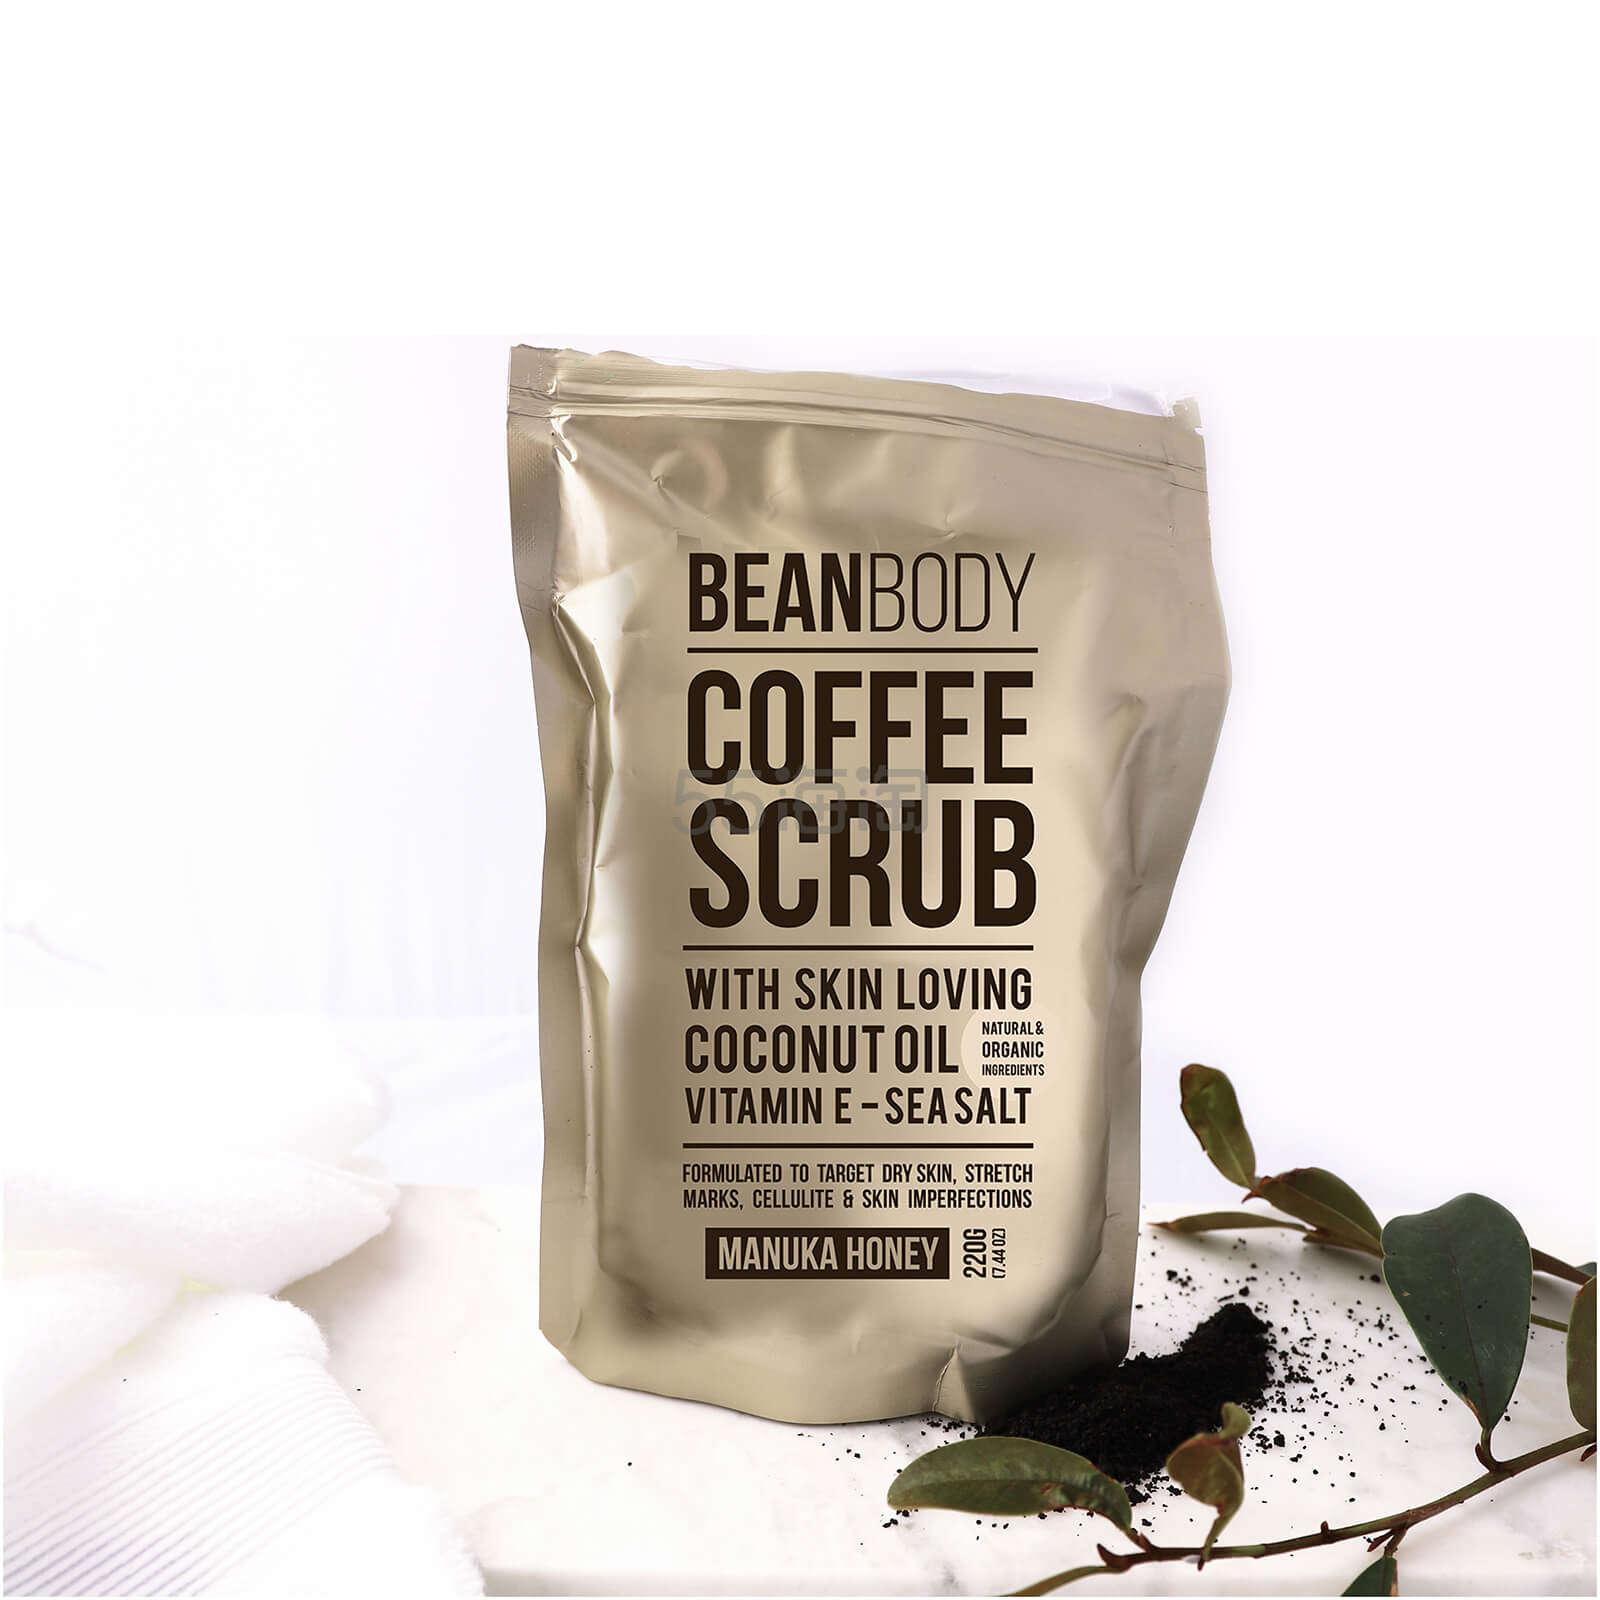 Bean Body 咖啡豆身体磨砂膏 麦卡卢蜂蜜 220g £10.47(约88元) - 海淘优惠海淘折扣|55海淘网